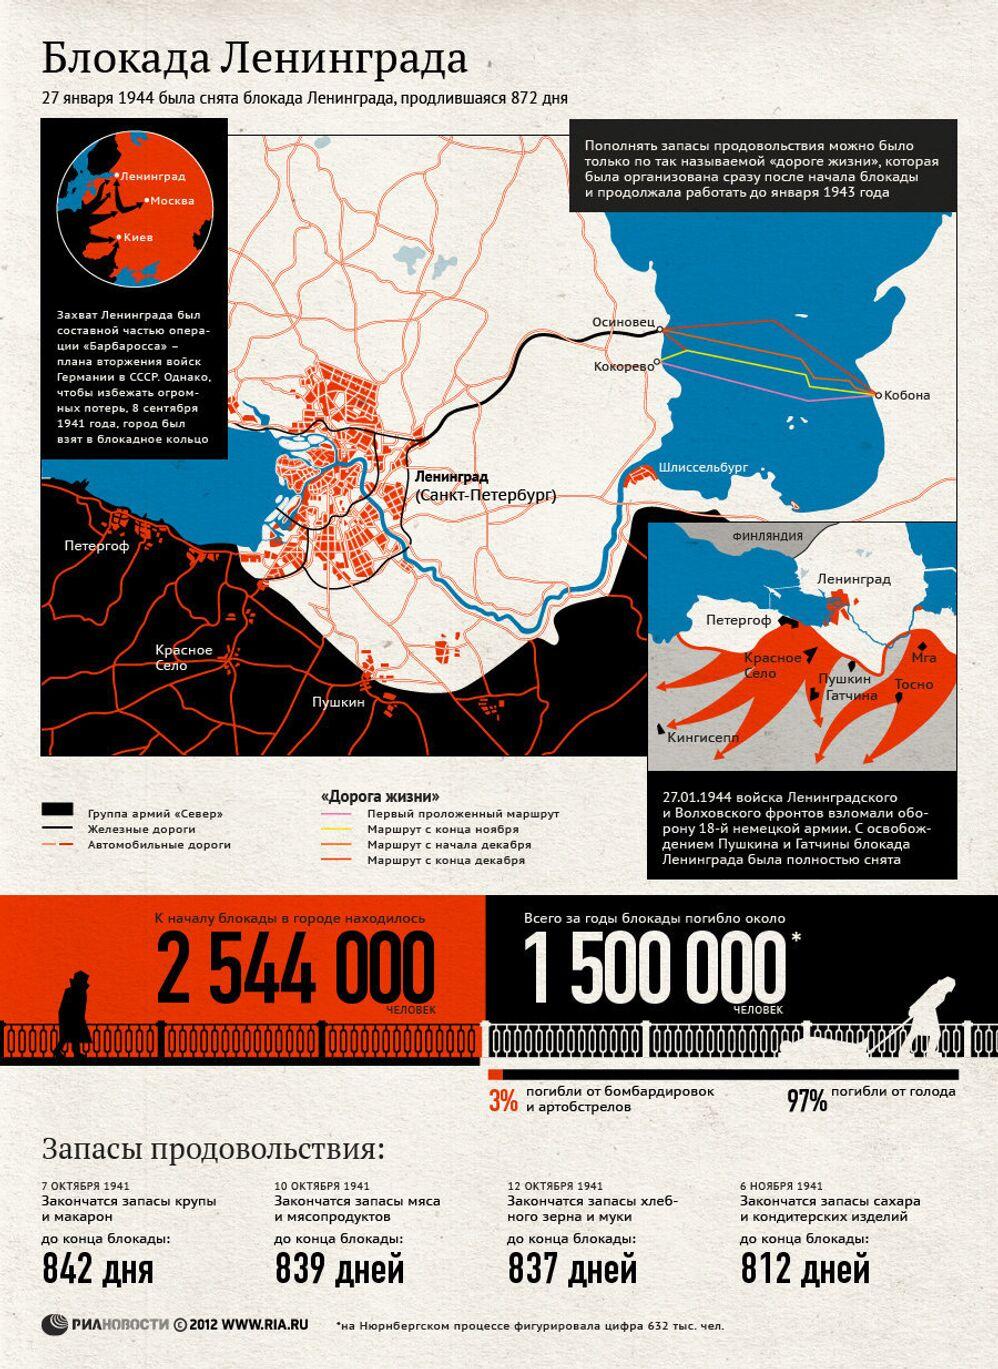 Блокада Ленинграда. 8 сентября 1941- 27 января 1944